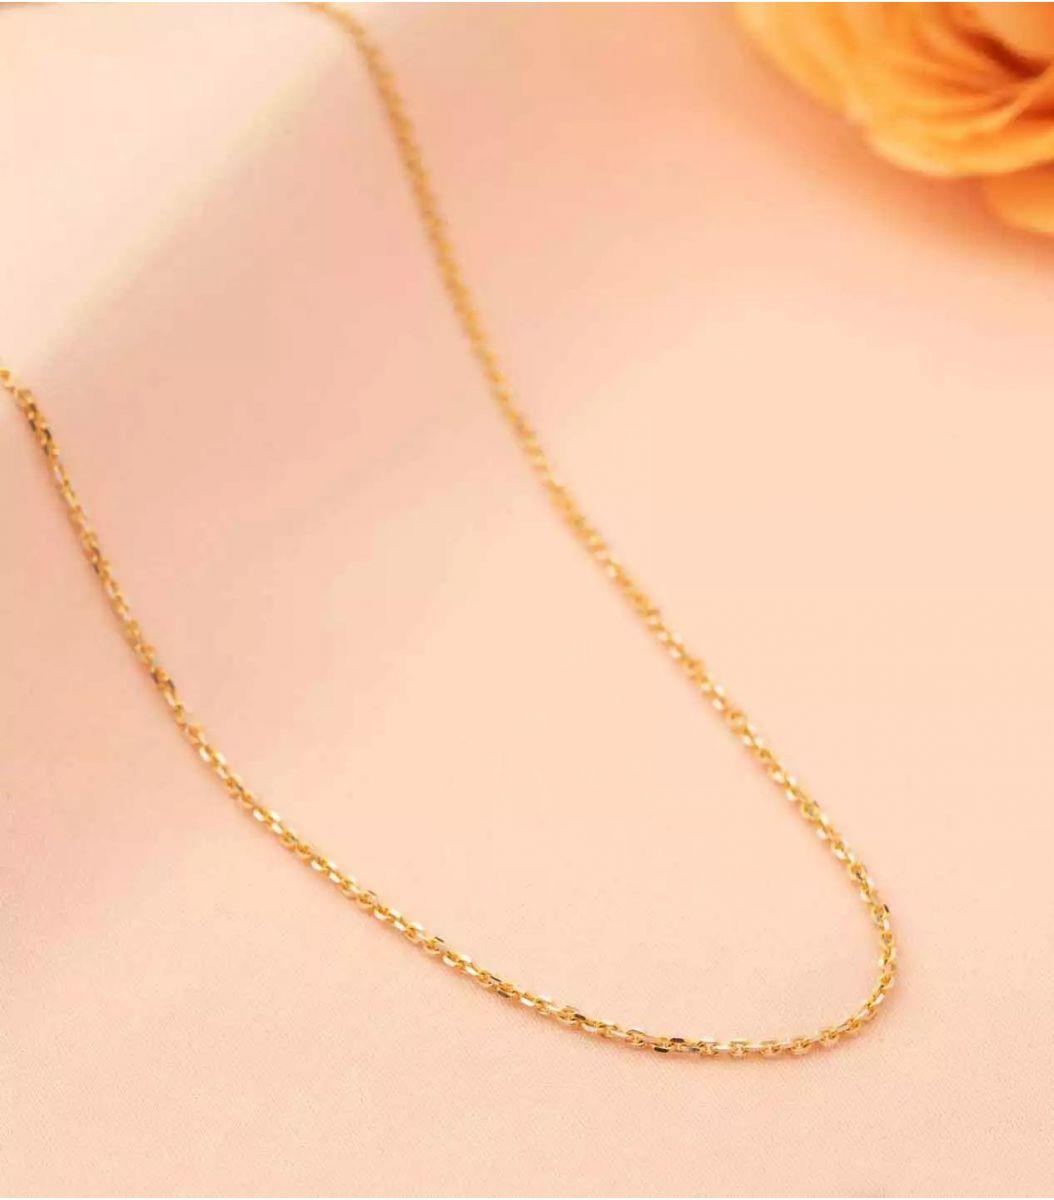 Chain-CH823434